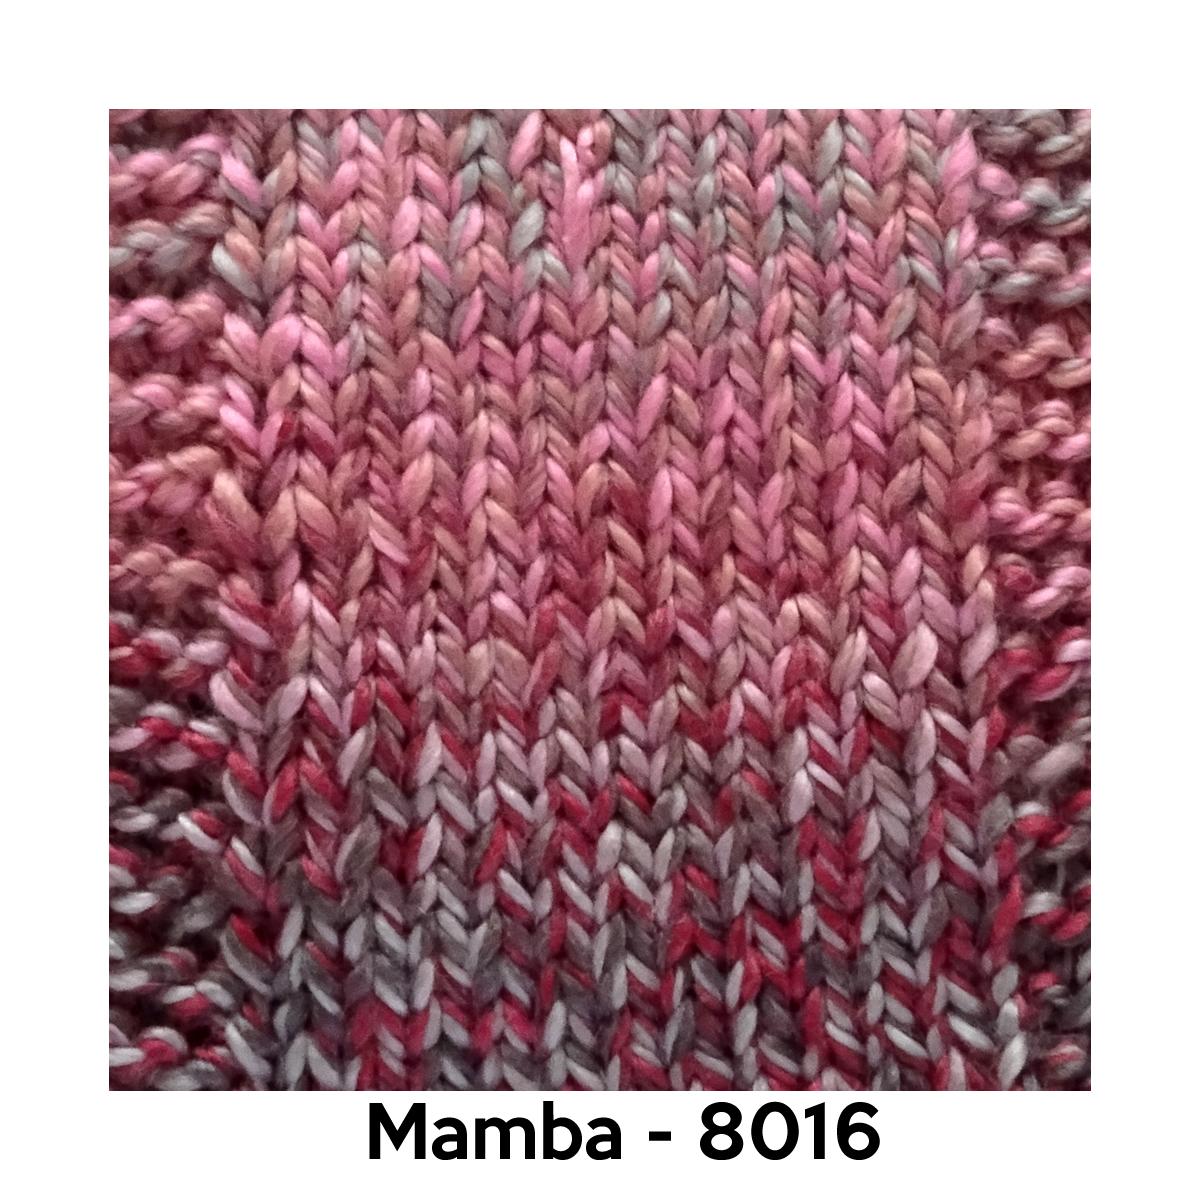 Mamba - 8016